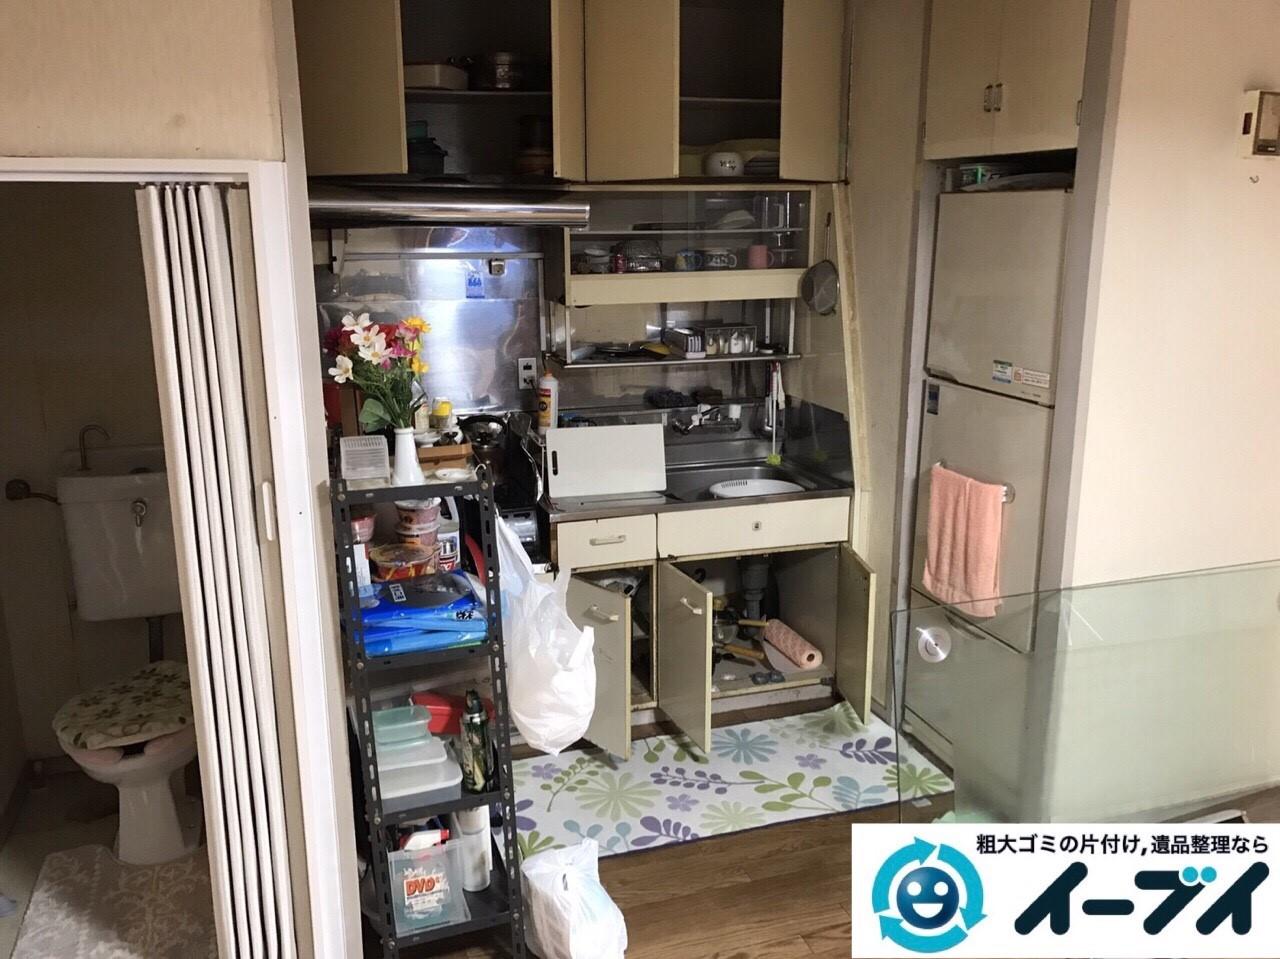 2017年8月2日大阪府寝屋川市で遺品整理の作業で食器や大型家具の処分をしました。写真5